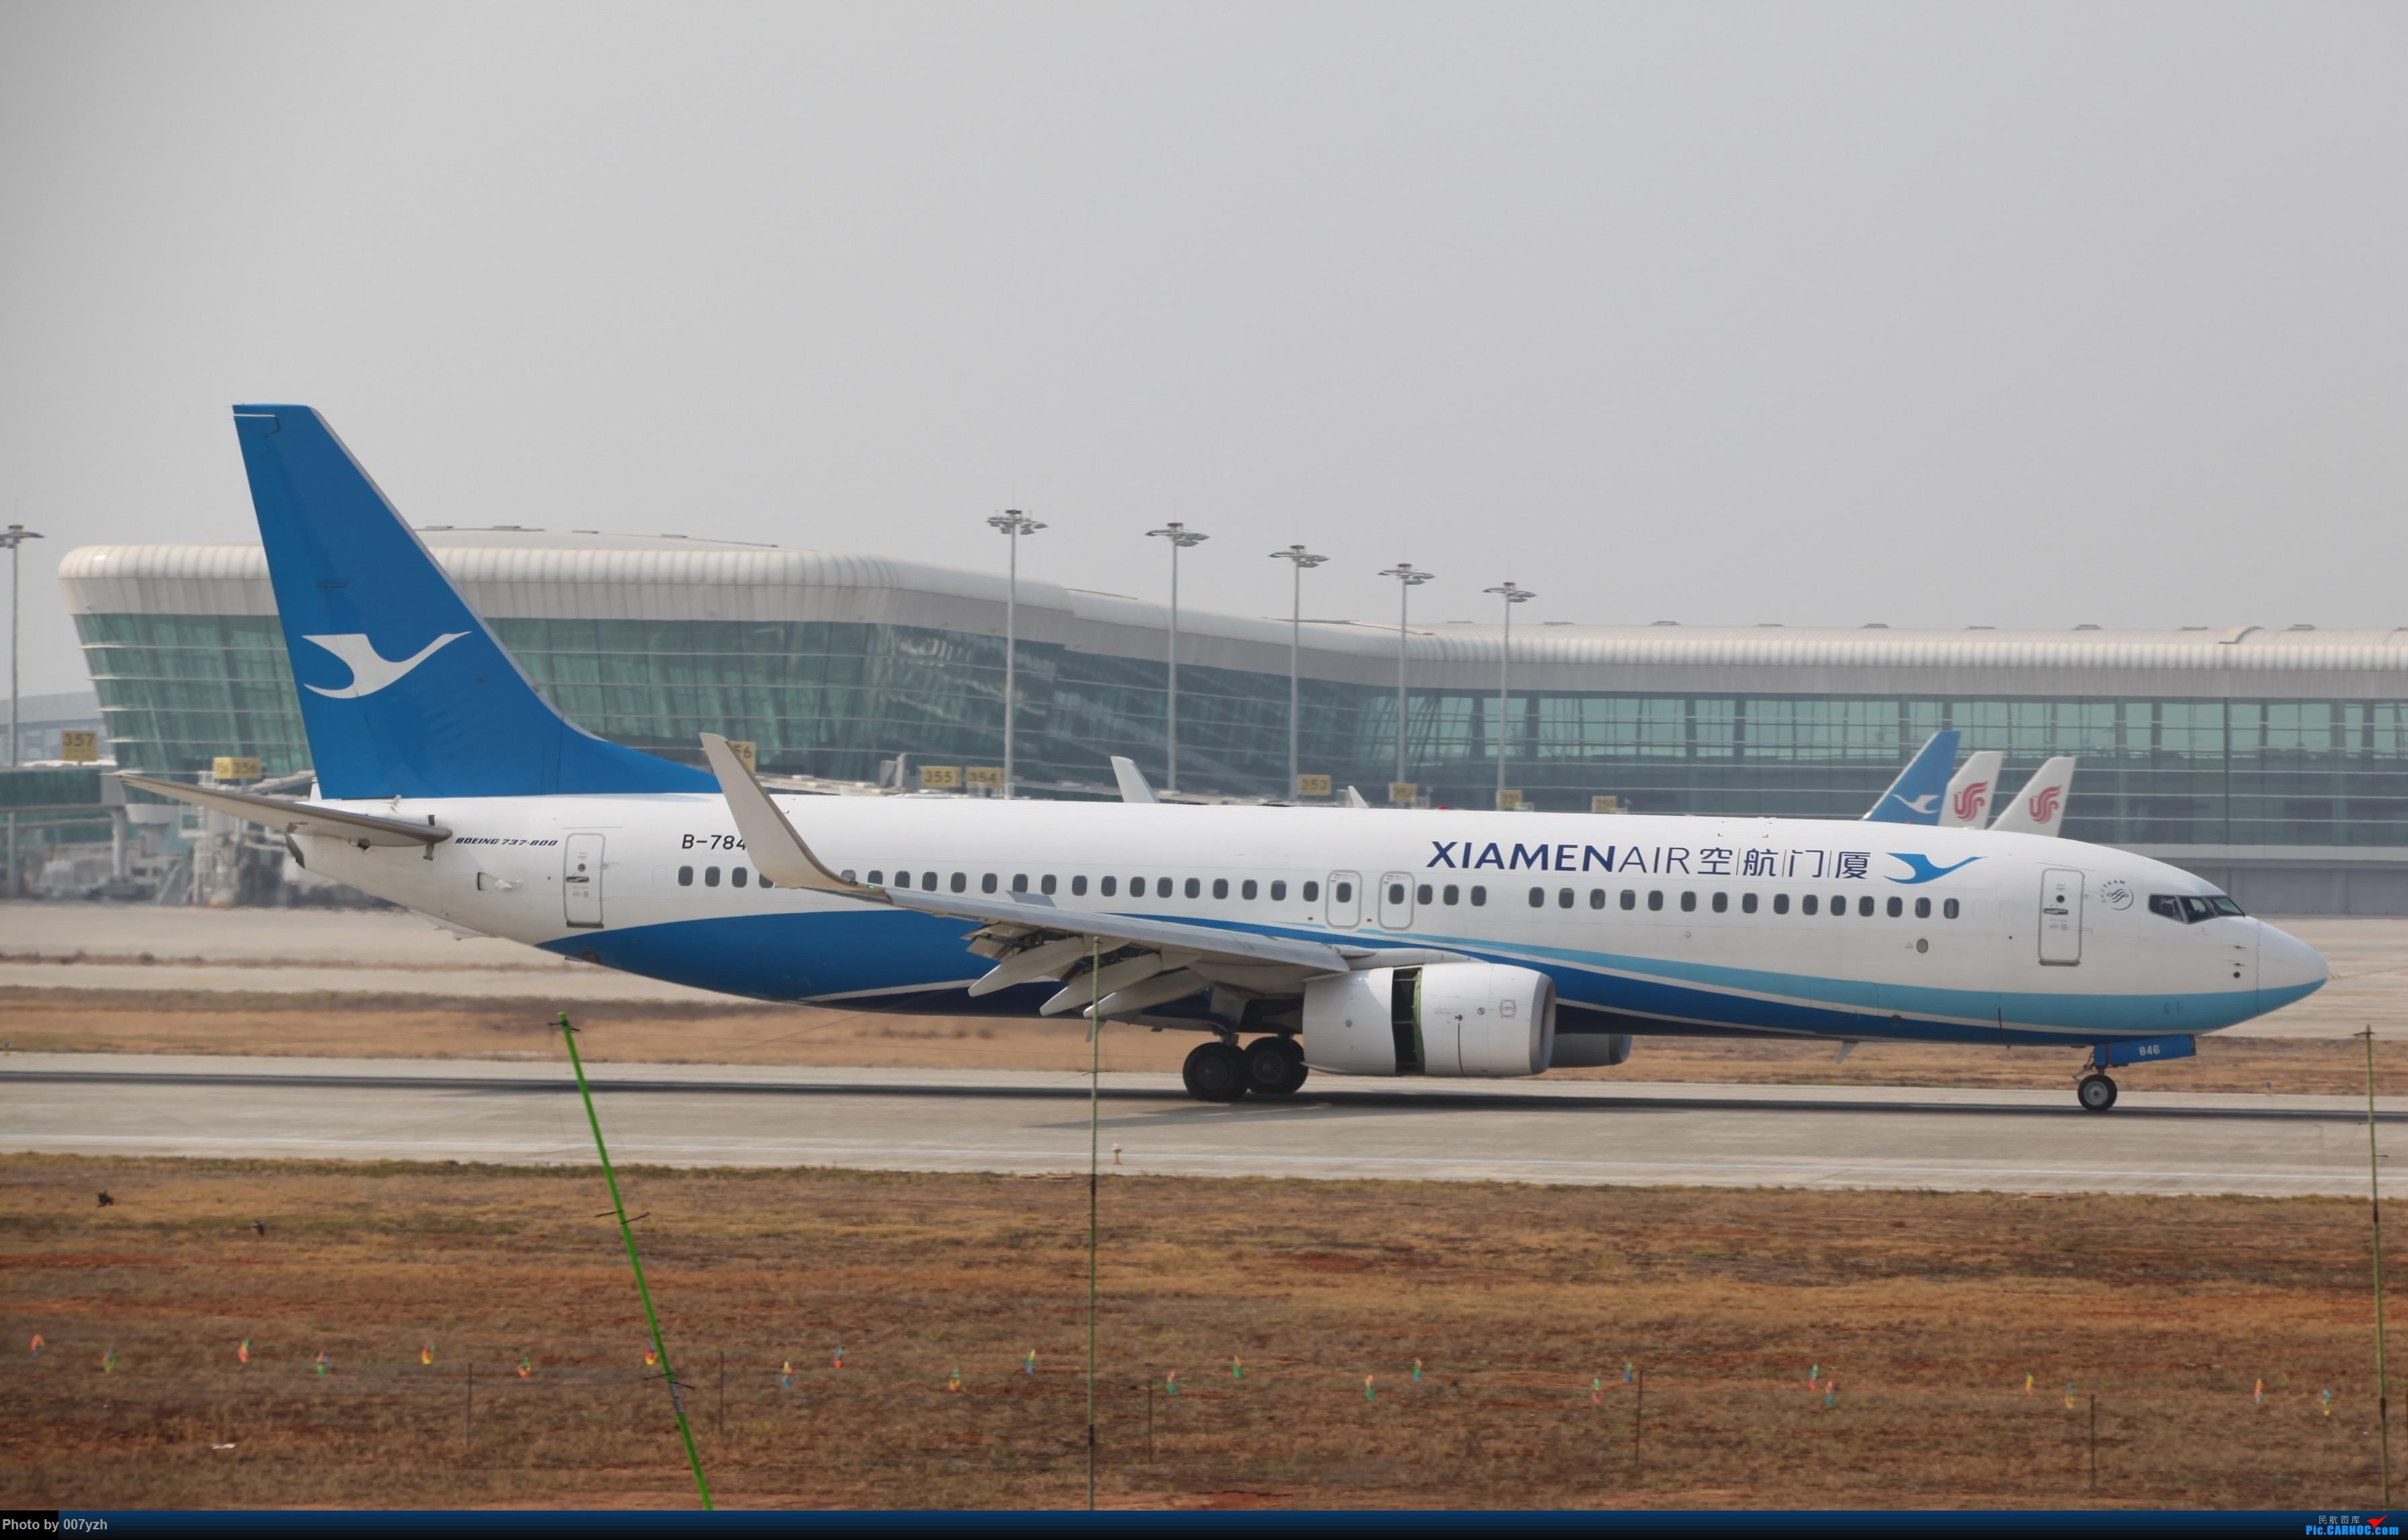 Re:[原创]WUH小拍,终于找到了在WUH拍机的组织 BOEING 737-800 B-7846 中国武汉天河国际机场